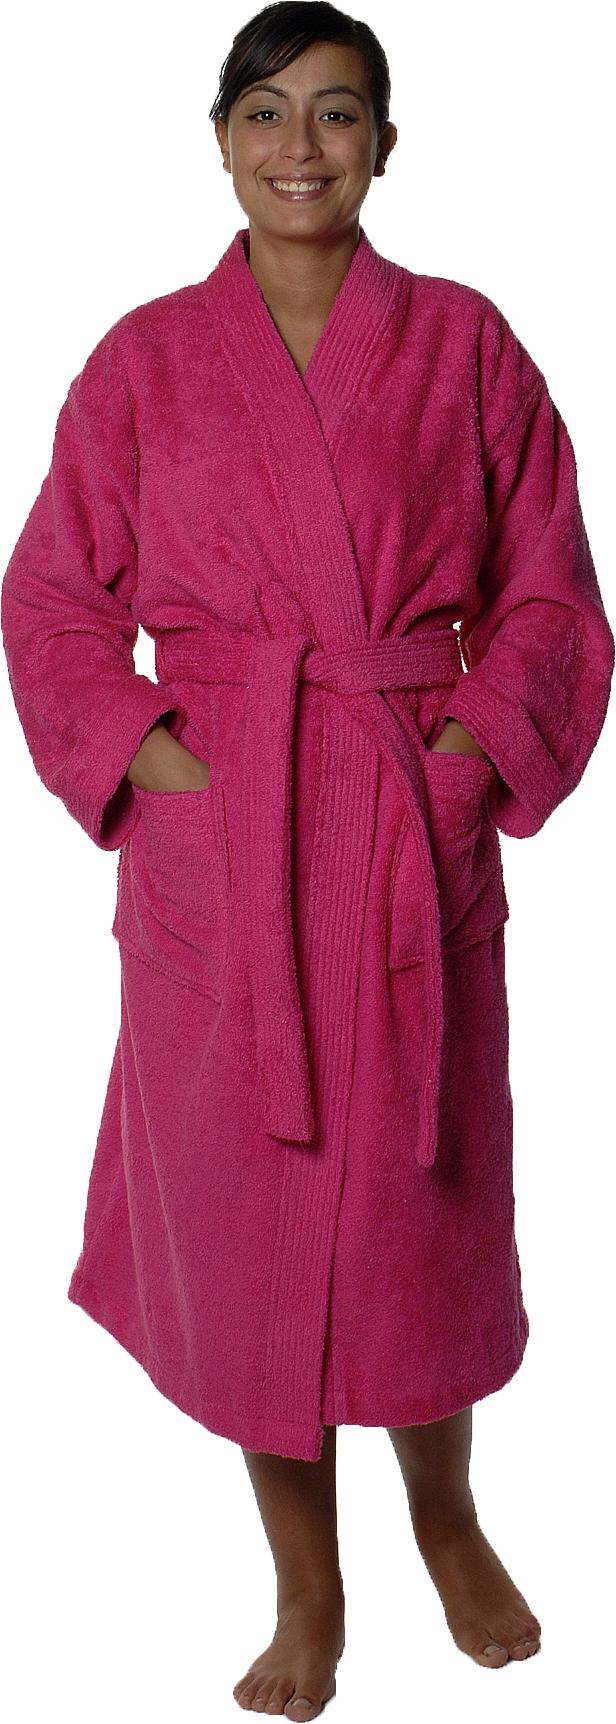 Peignoir col kimono en Coton couleur Rose indien Taille S (Rose Indien)